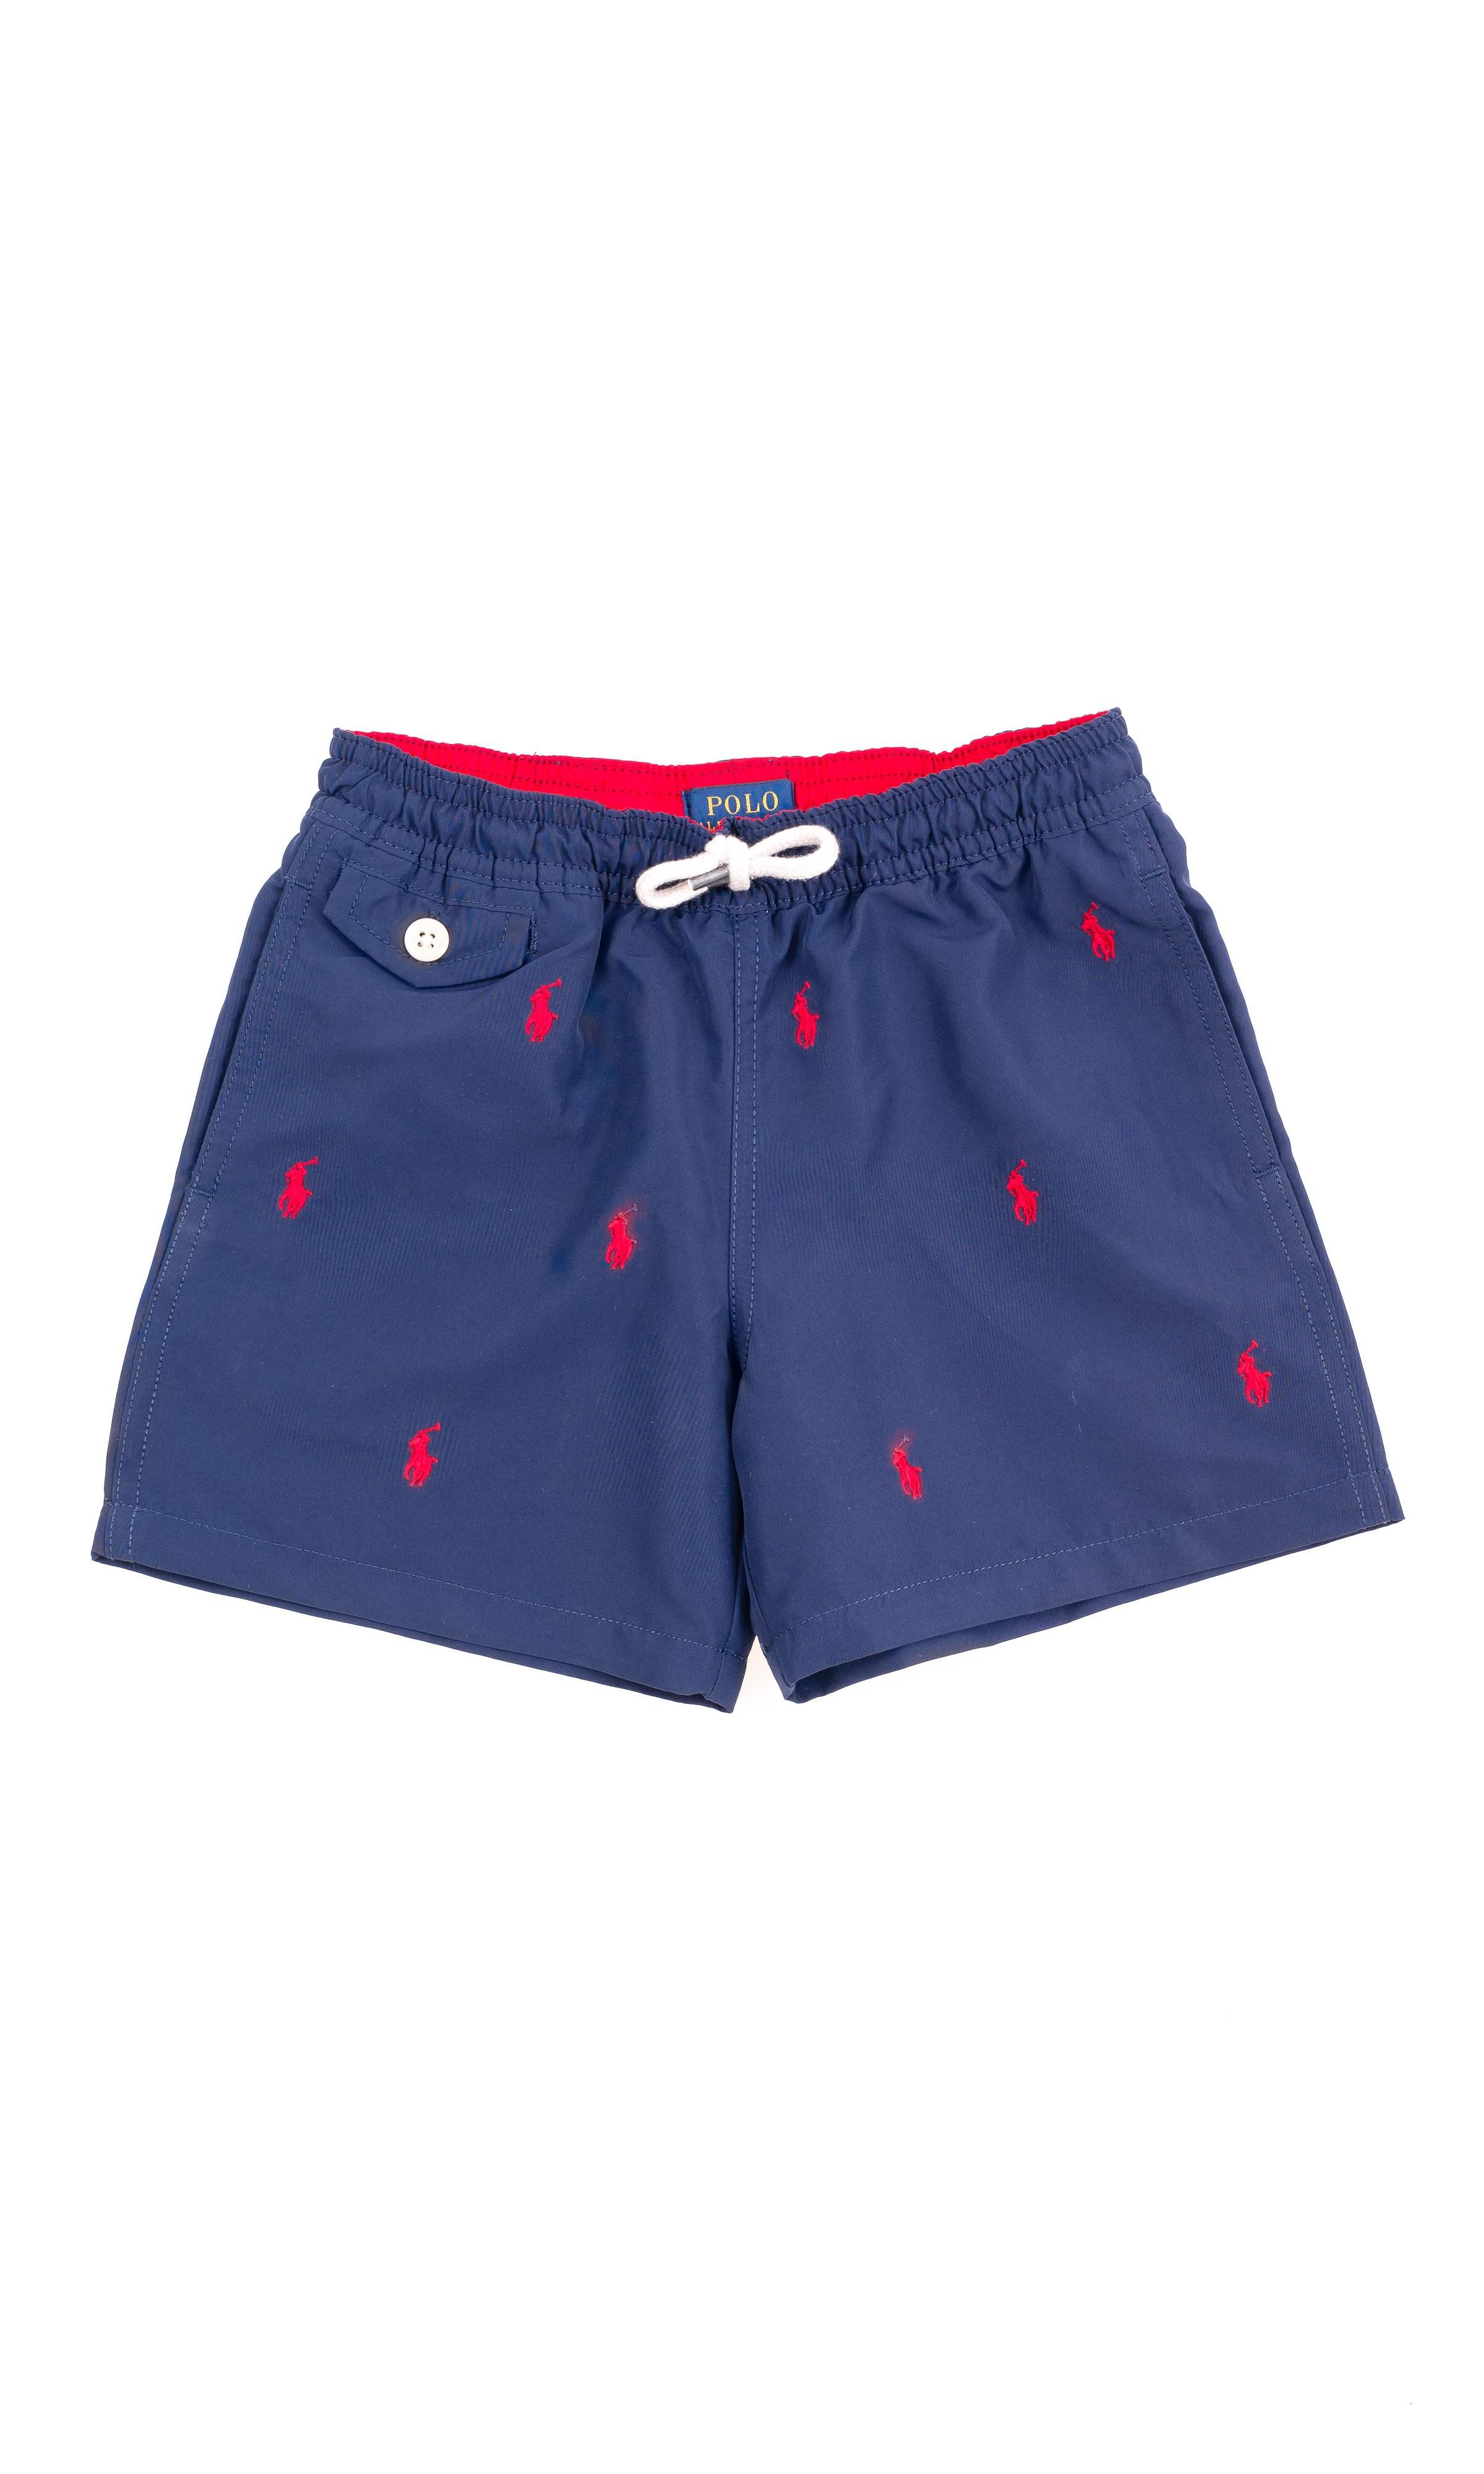 e9f16da26c Red horse printed navy blue boys swim shorts , Polo Ralph Lauren Maximize.  Granatowe szorty kąpielowe w czerwone koniki dla chłopców, Polo Ralph Lauren